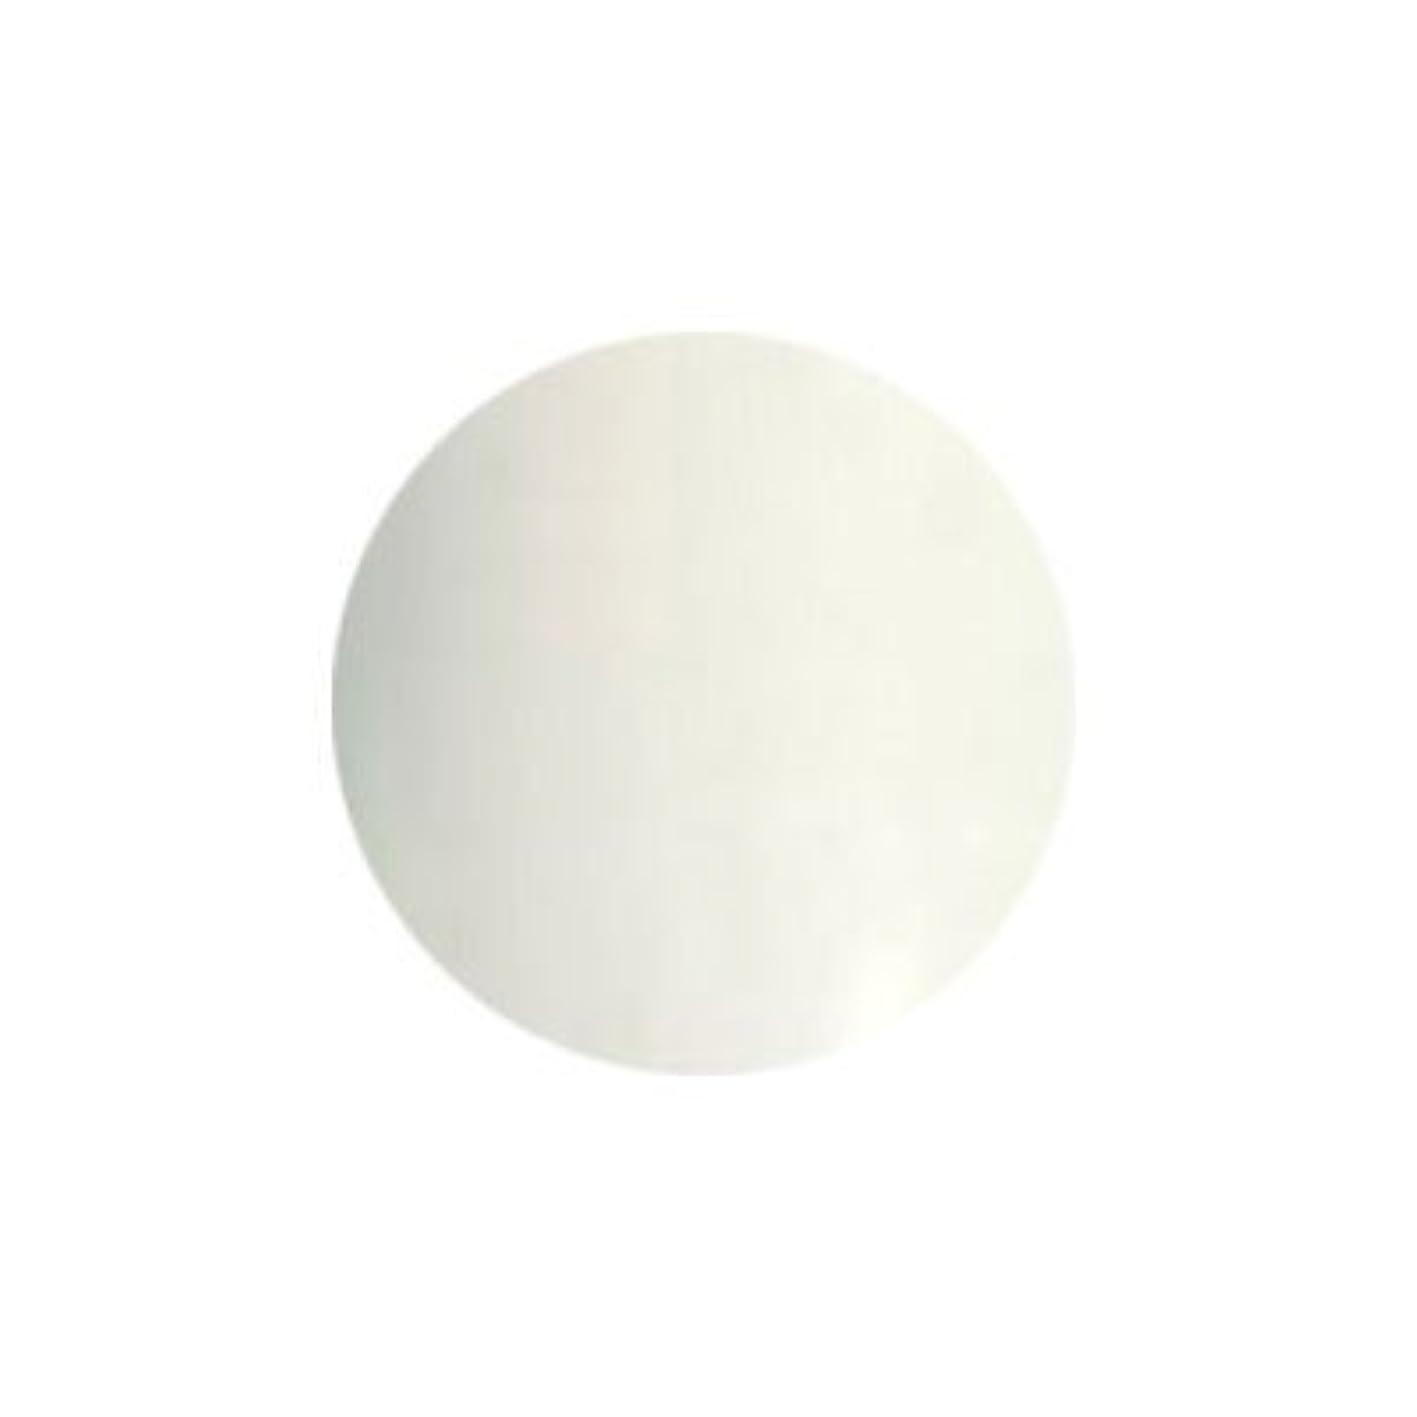 発疹改修するパンフレットプリジェル カラーEX フレンチホワイト PG-CEW51 3g